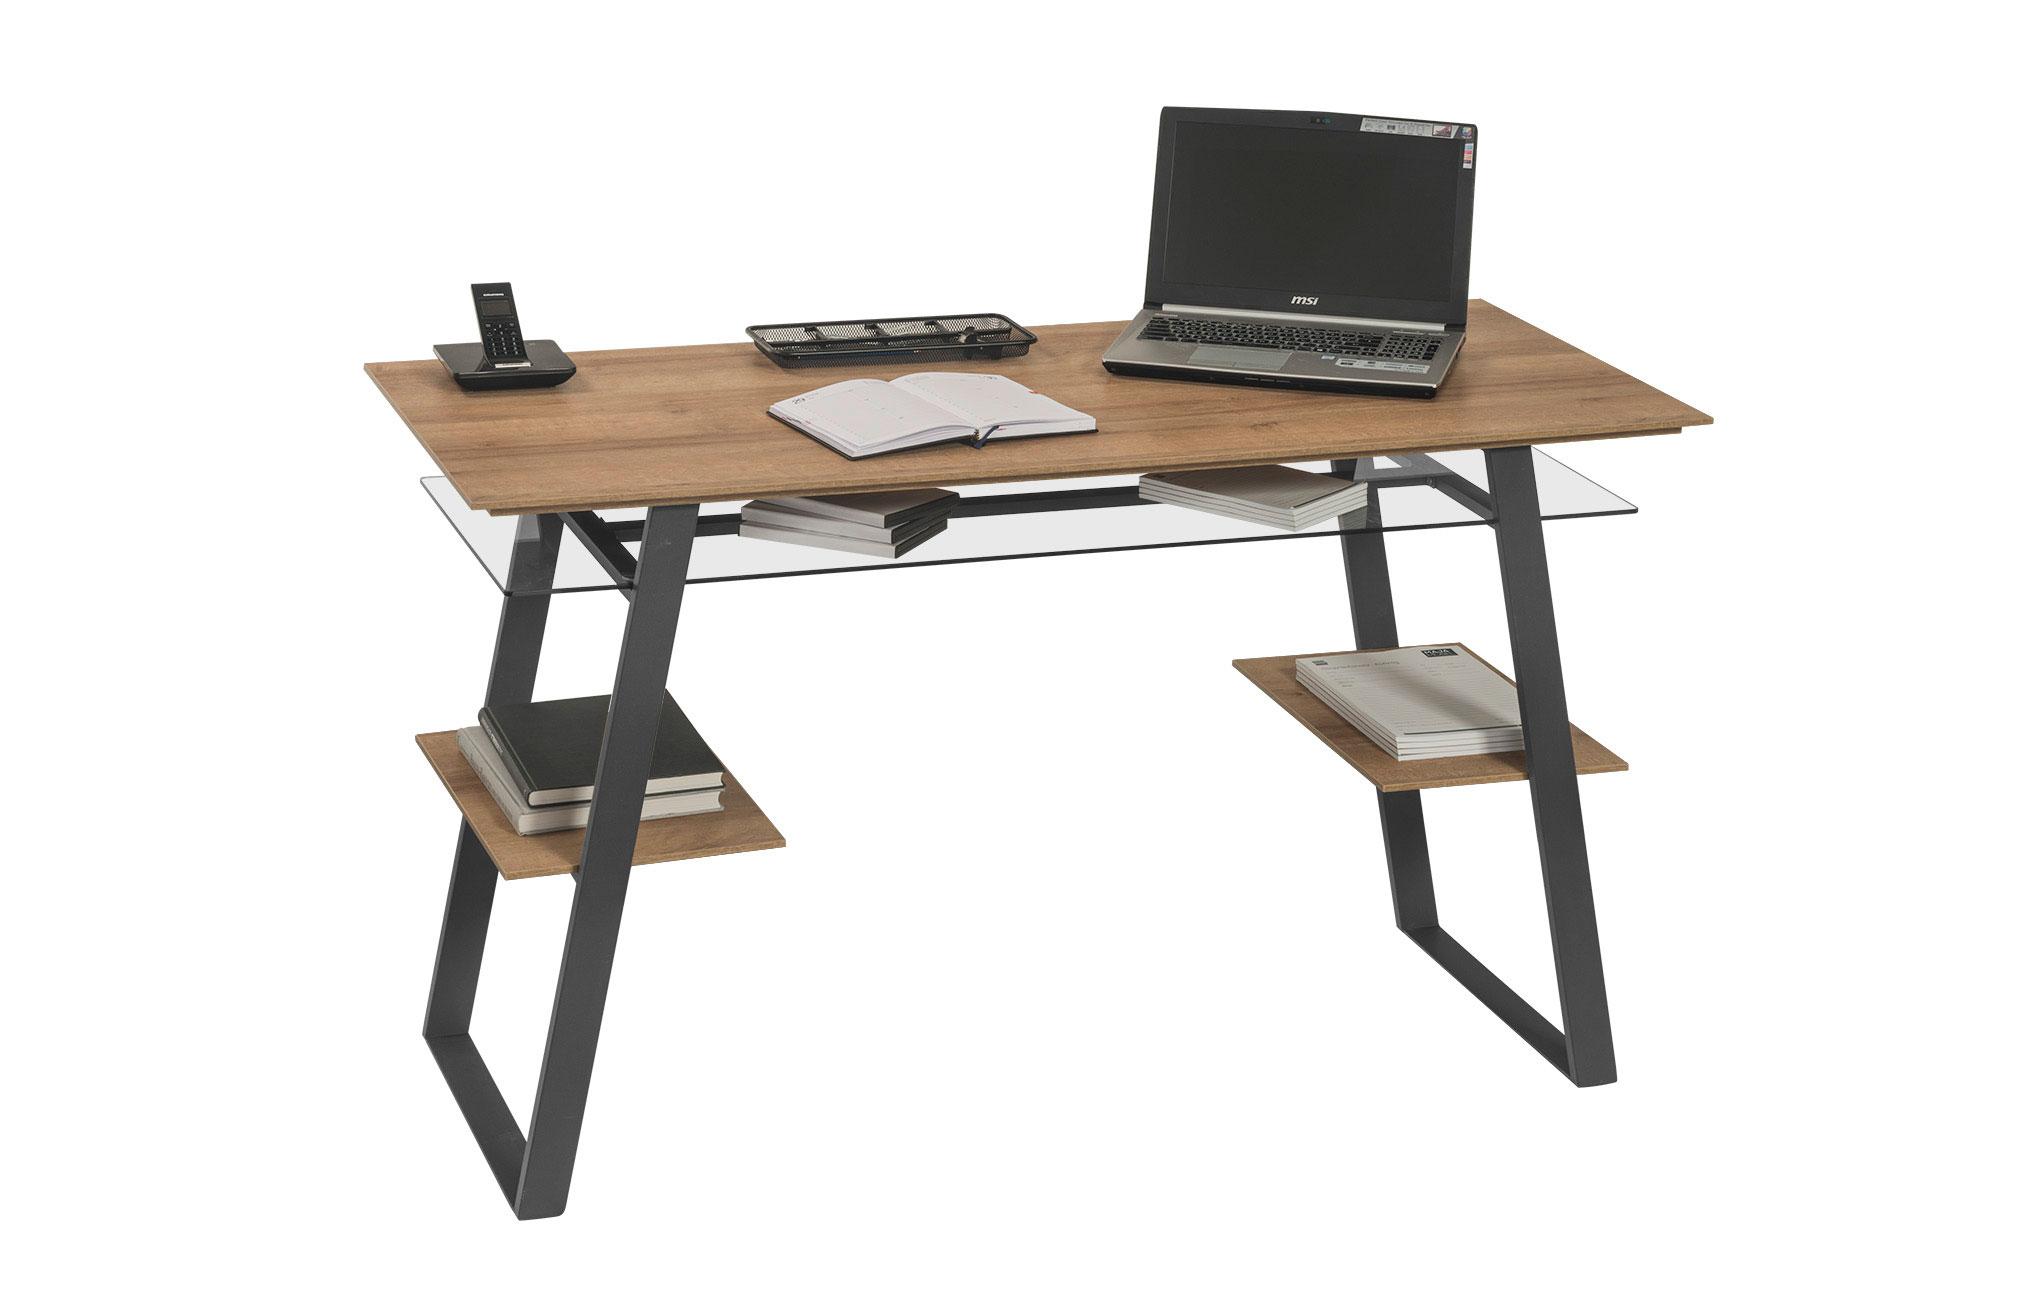 Bureau informatique design métal et bois coloris chêne anthracite